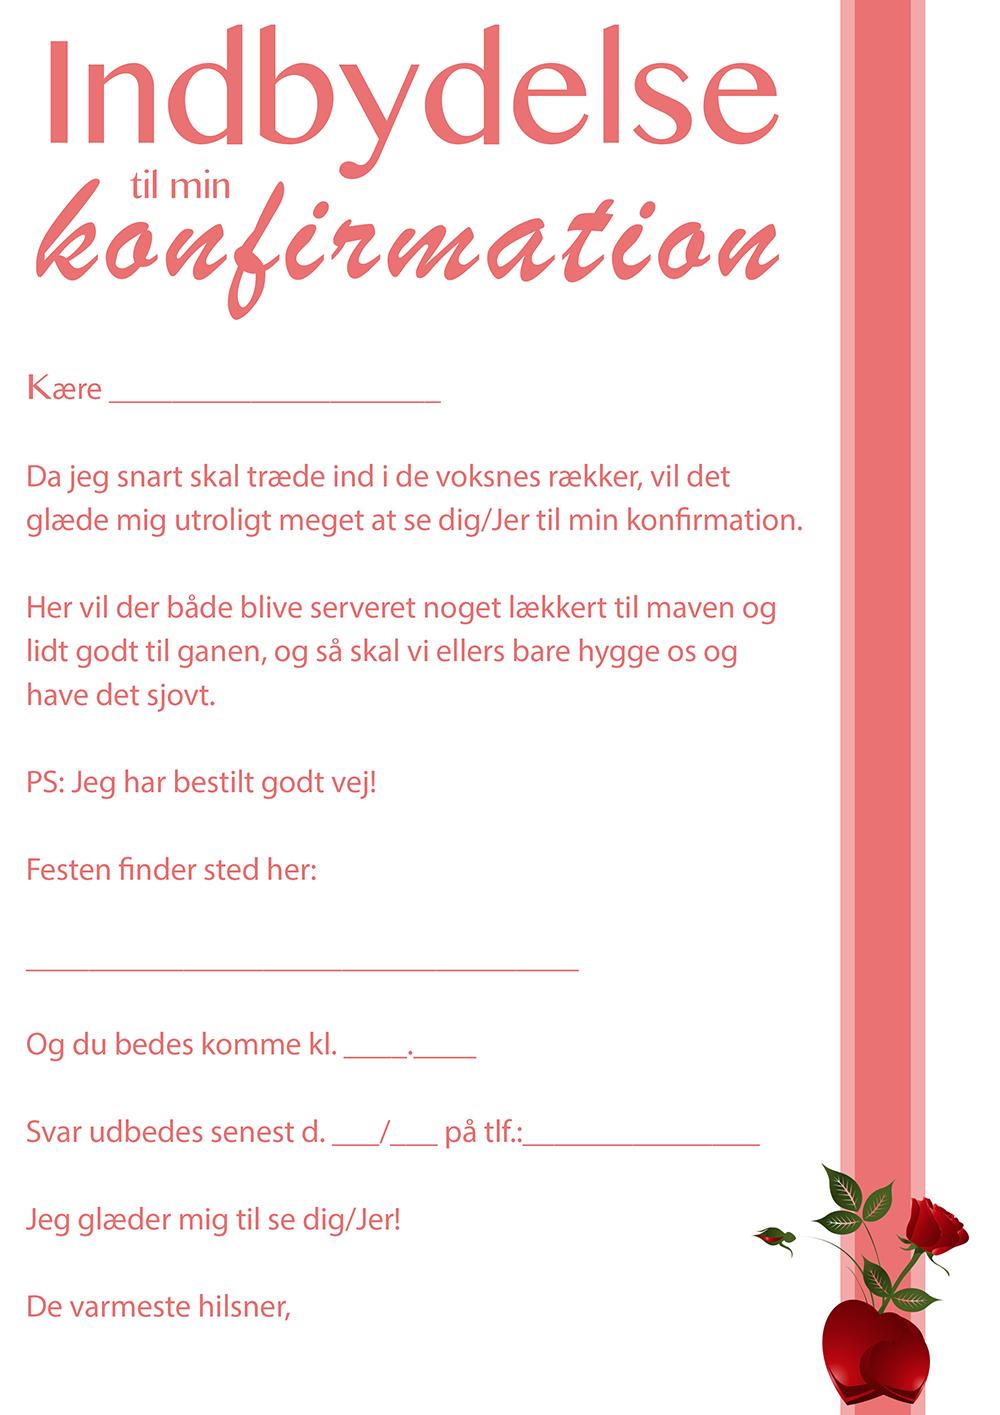 tekst til indbydelse til konfirmation